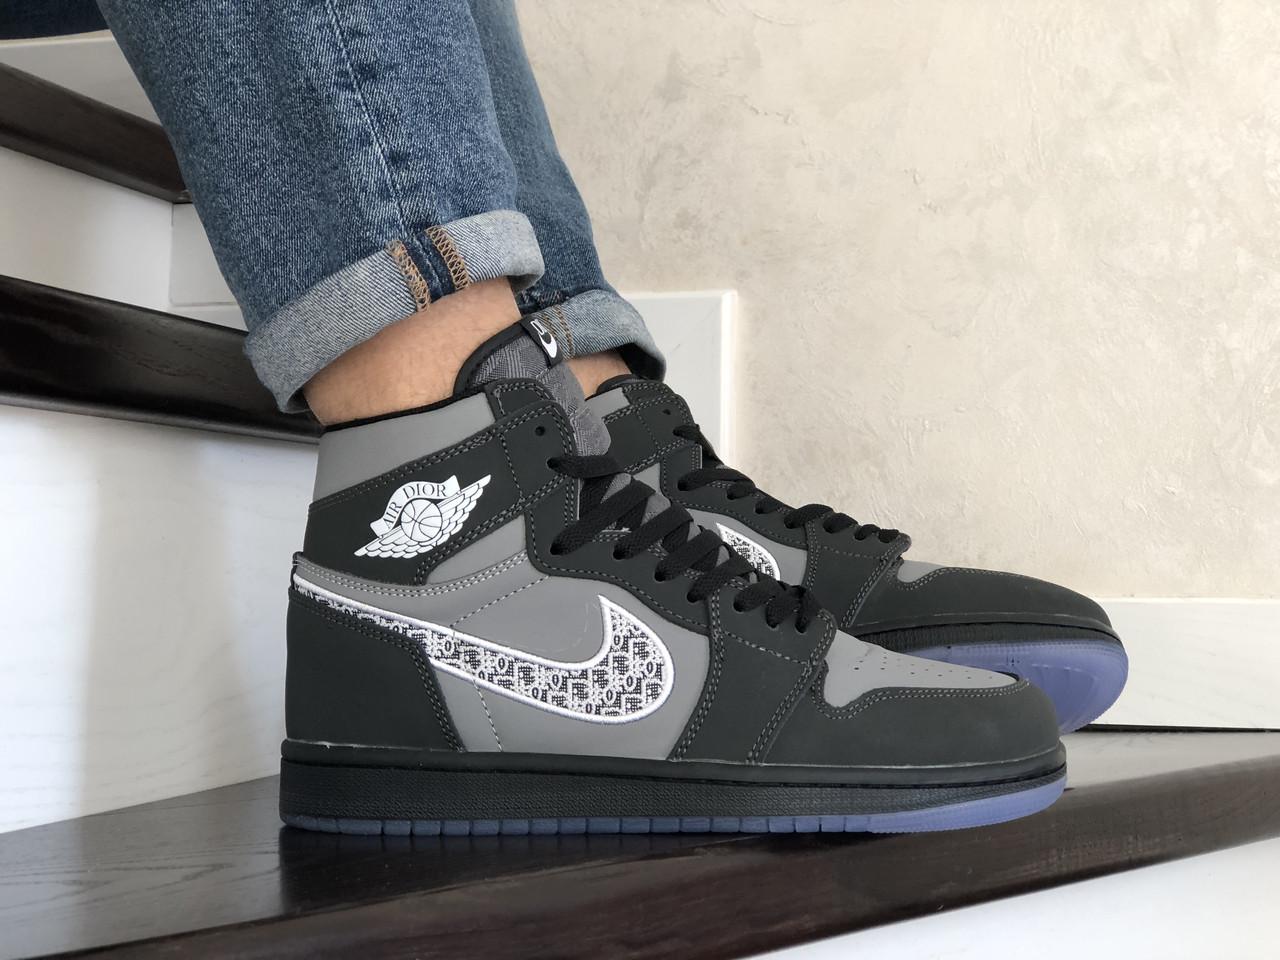 Мужские высокие кроссовки Nike Air Jordan Dior, черные / обувь для баскетбола (Топ реплика ААА+)